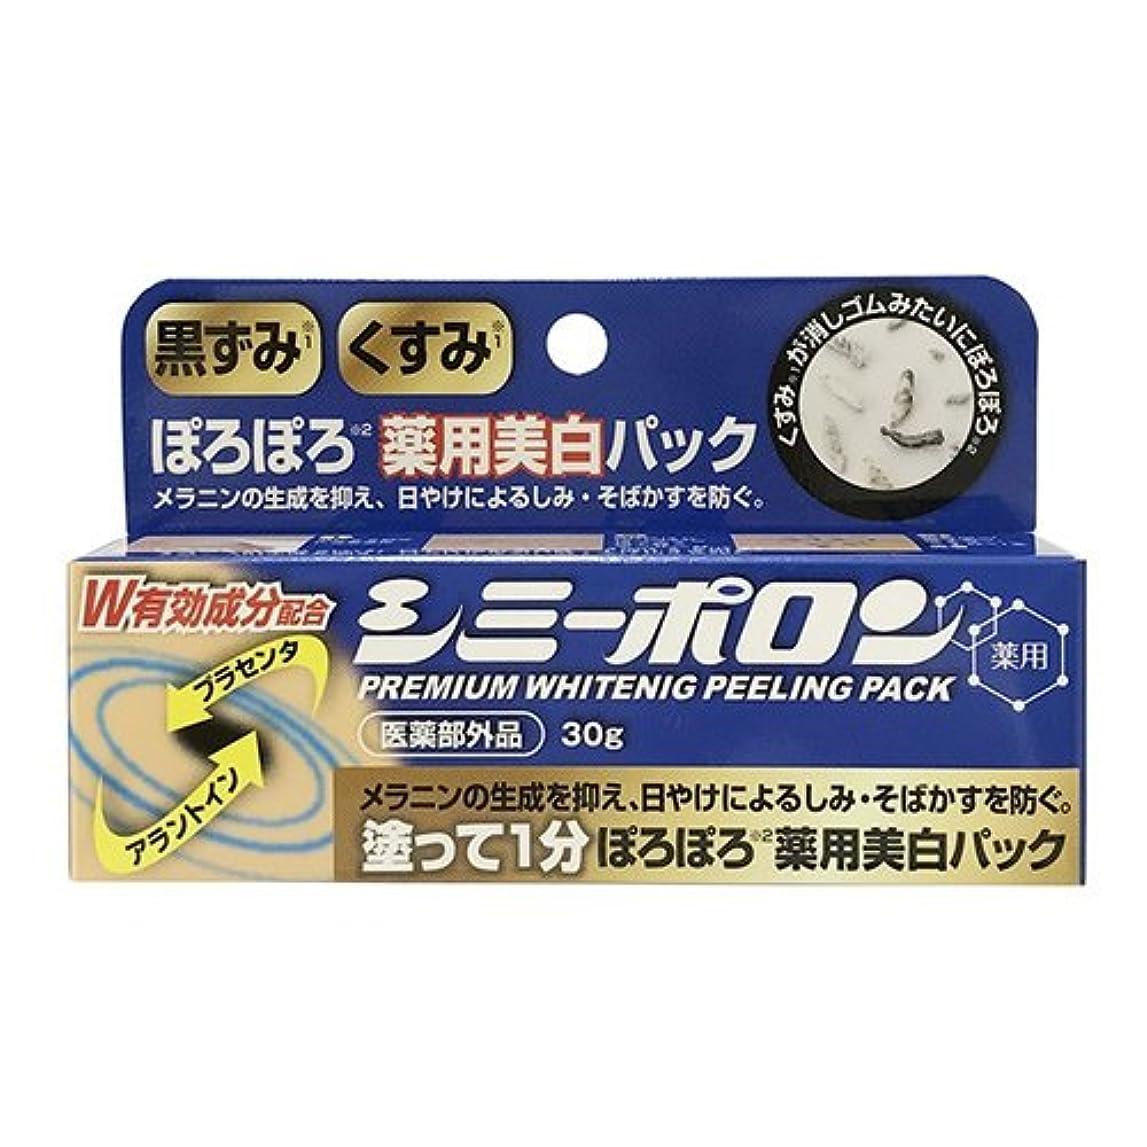 舌な磁器デッドロック薬用 シミーポロン 医薬部外品